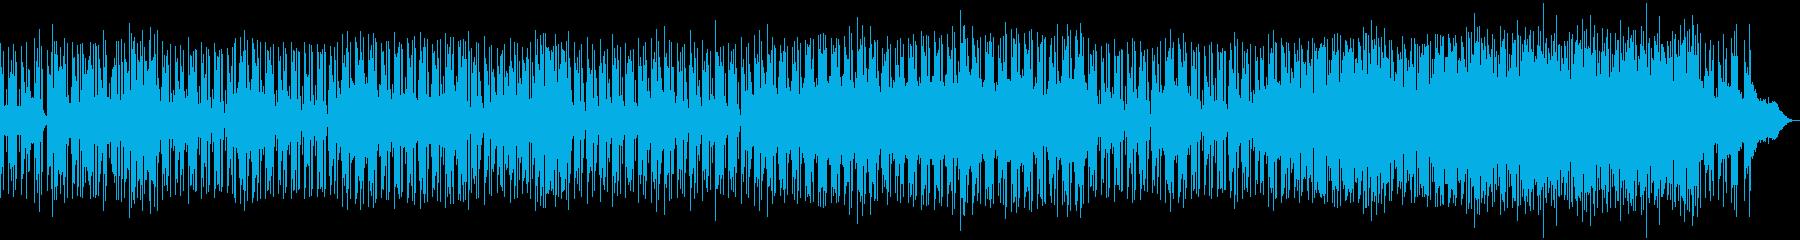 テクノCM映像用の曲企業VP都会で未来的の再生済みの波形